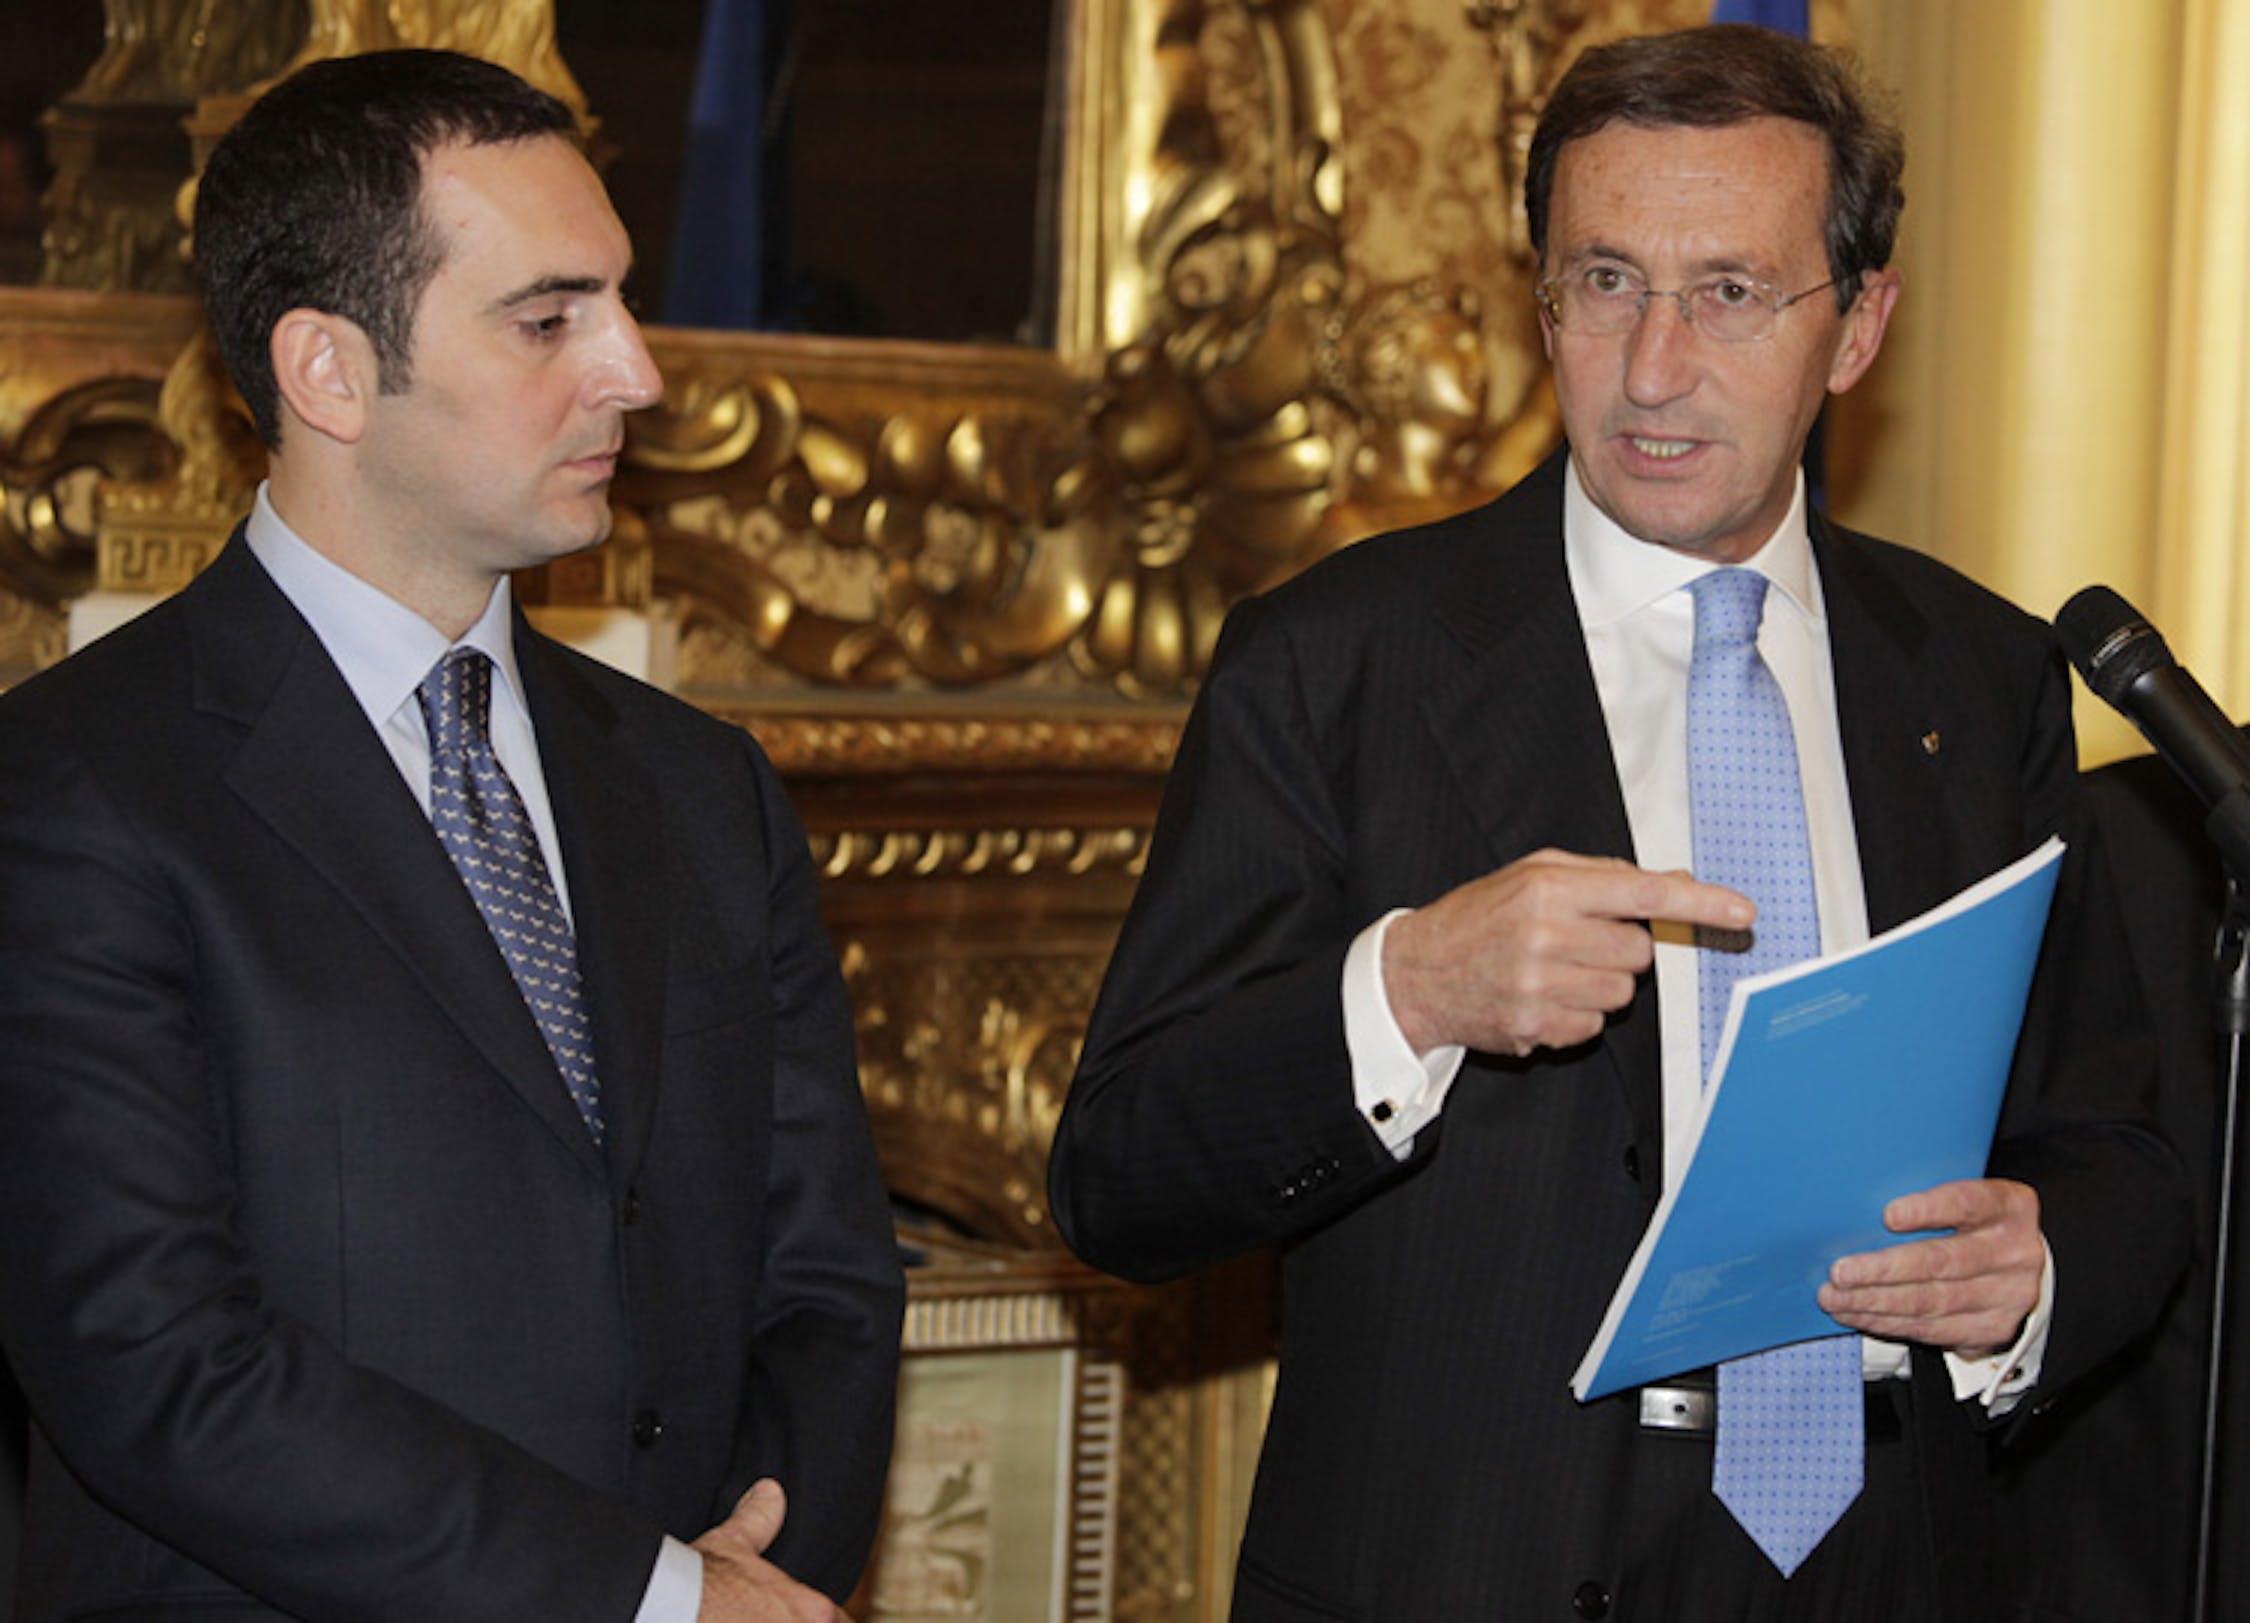 Il presidente della Camera Gianfranco Fini e il presidente dell'UNICEF Italia Vincenzo Spadafora - ©UNICEF Italia/2010/A.Longobardi